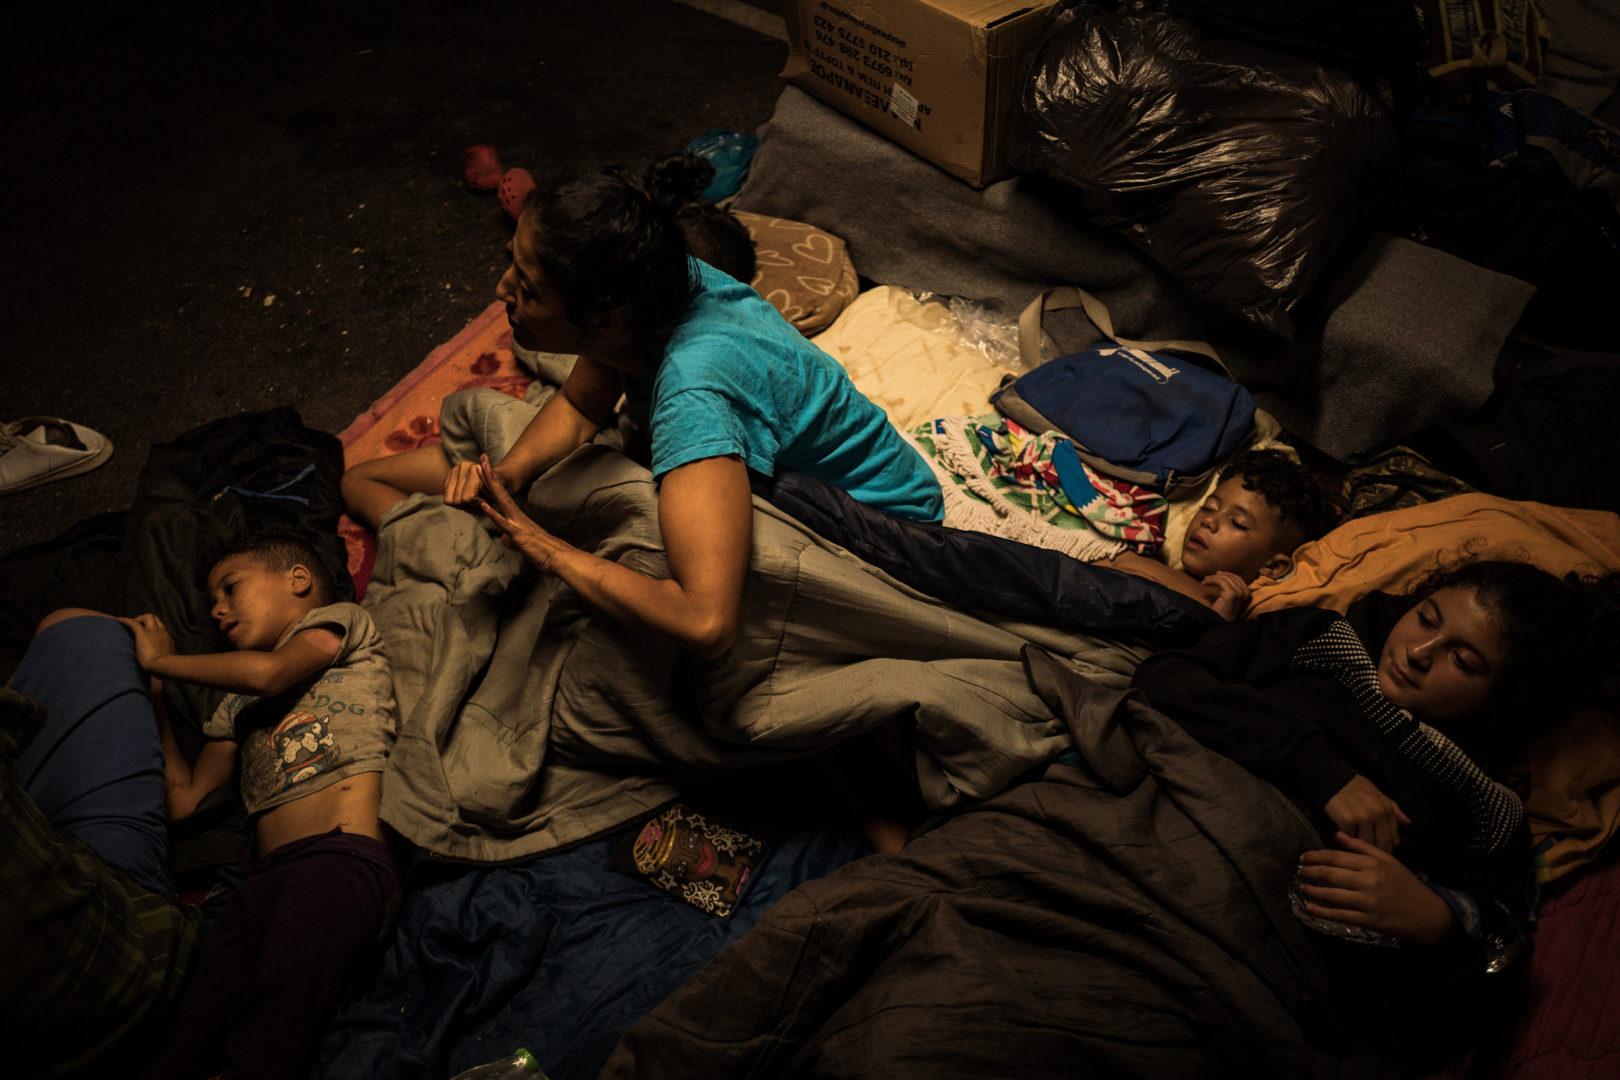 Eine obdachlose Flüchtlingsfamilie schläft auf den Straßen von Lesbos. Foto: Nicola Zolin